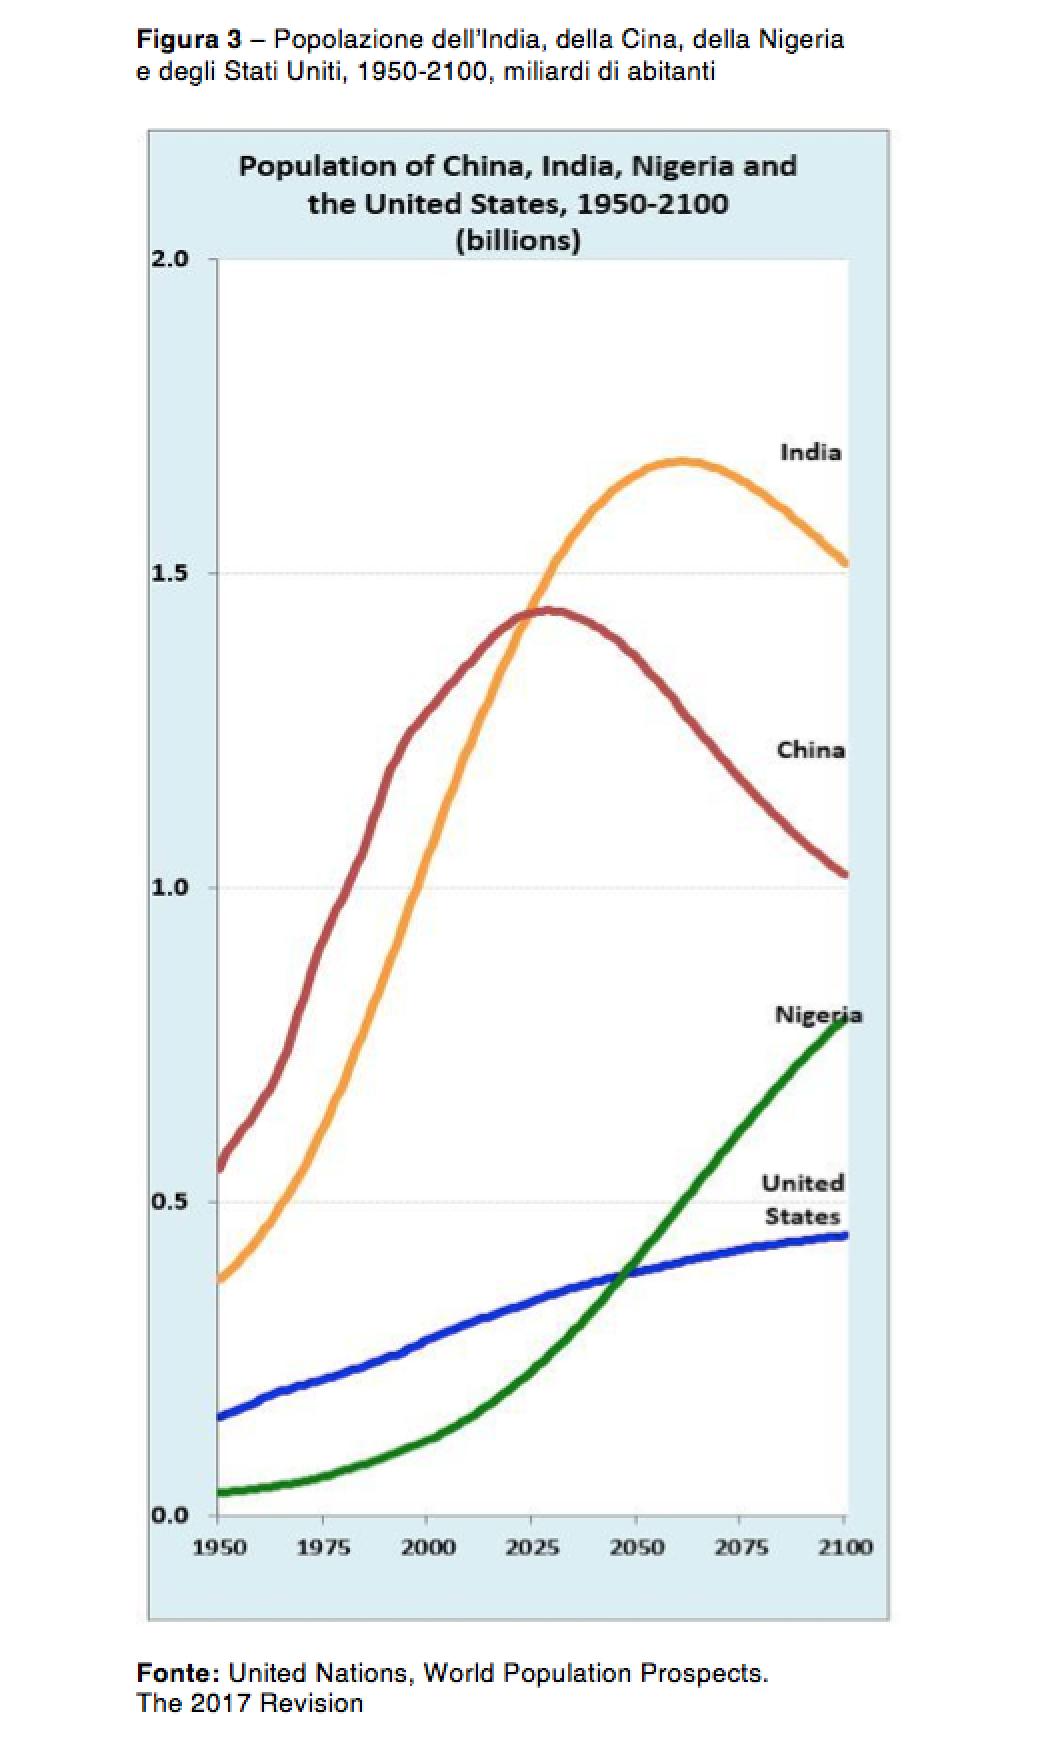 La Cina ha pagato il prezzo della rapida frenata della crescita con una  politica oppressiva del fondamentale diritto umano di decidere quando e  quanti figli ... cb150c462d3